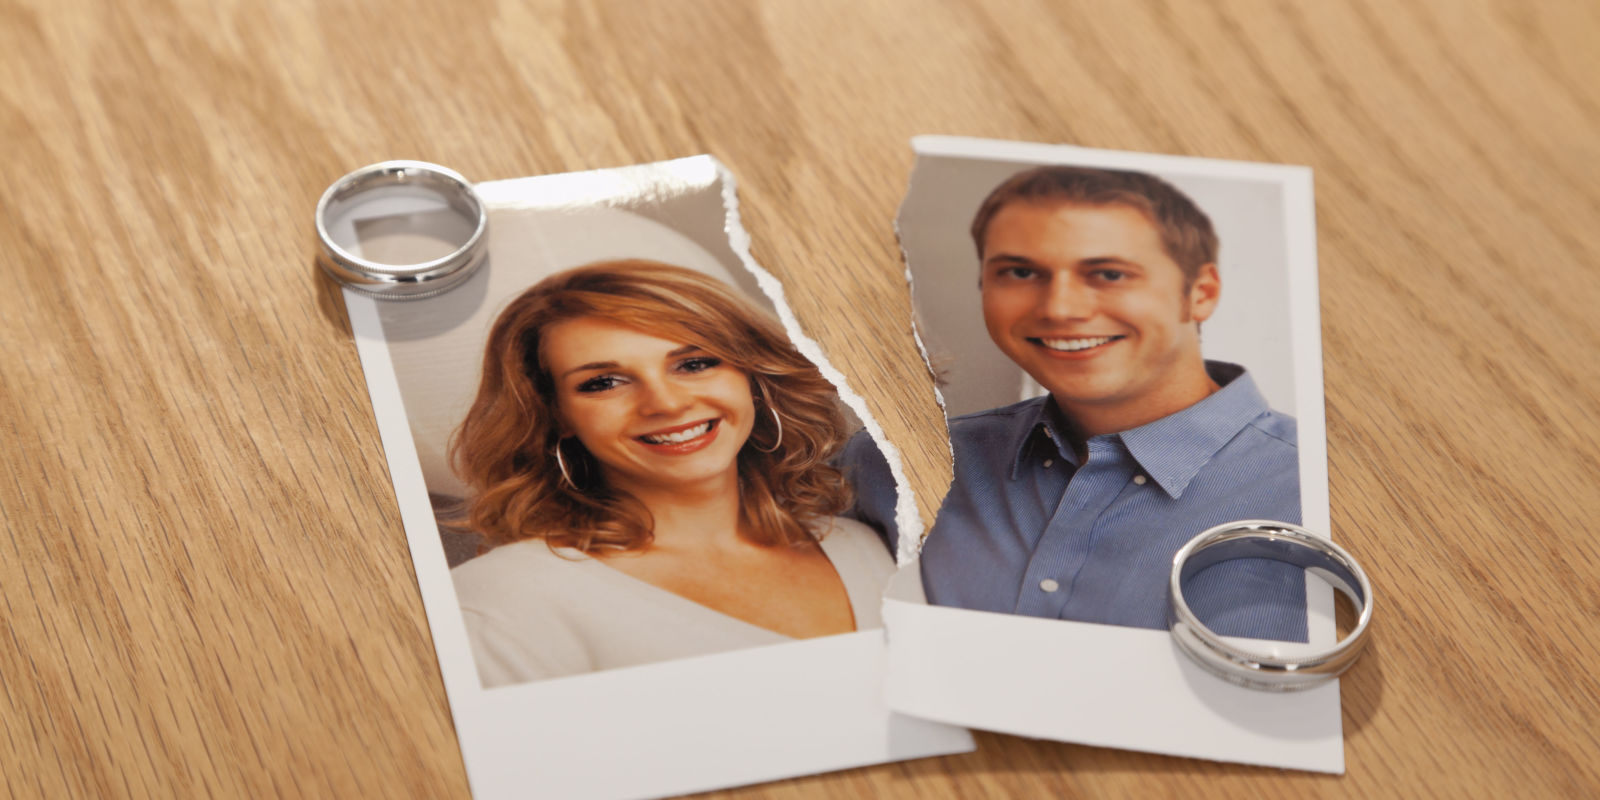 Заочный развод с мужем-иностранцем в его отсутствие